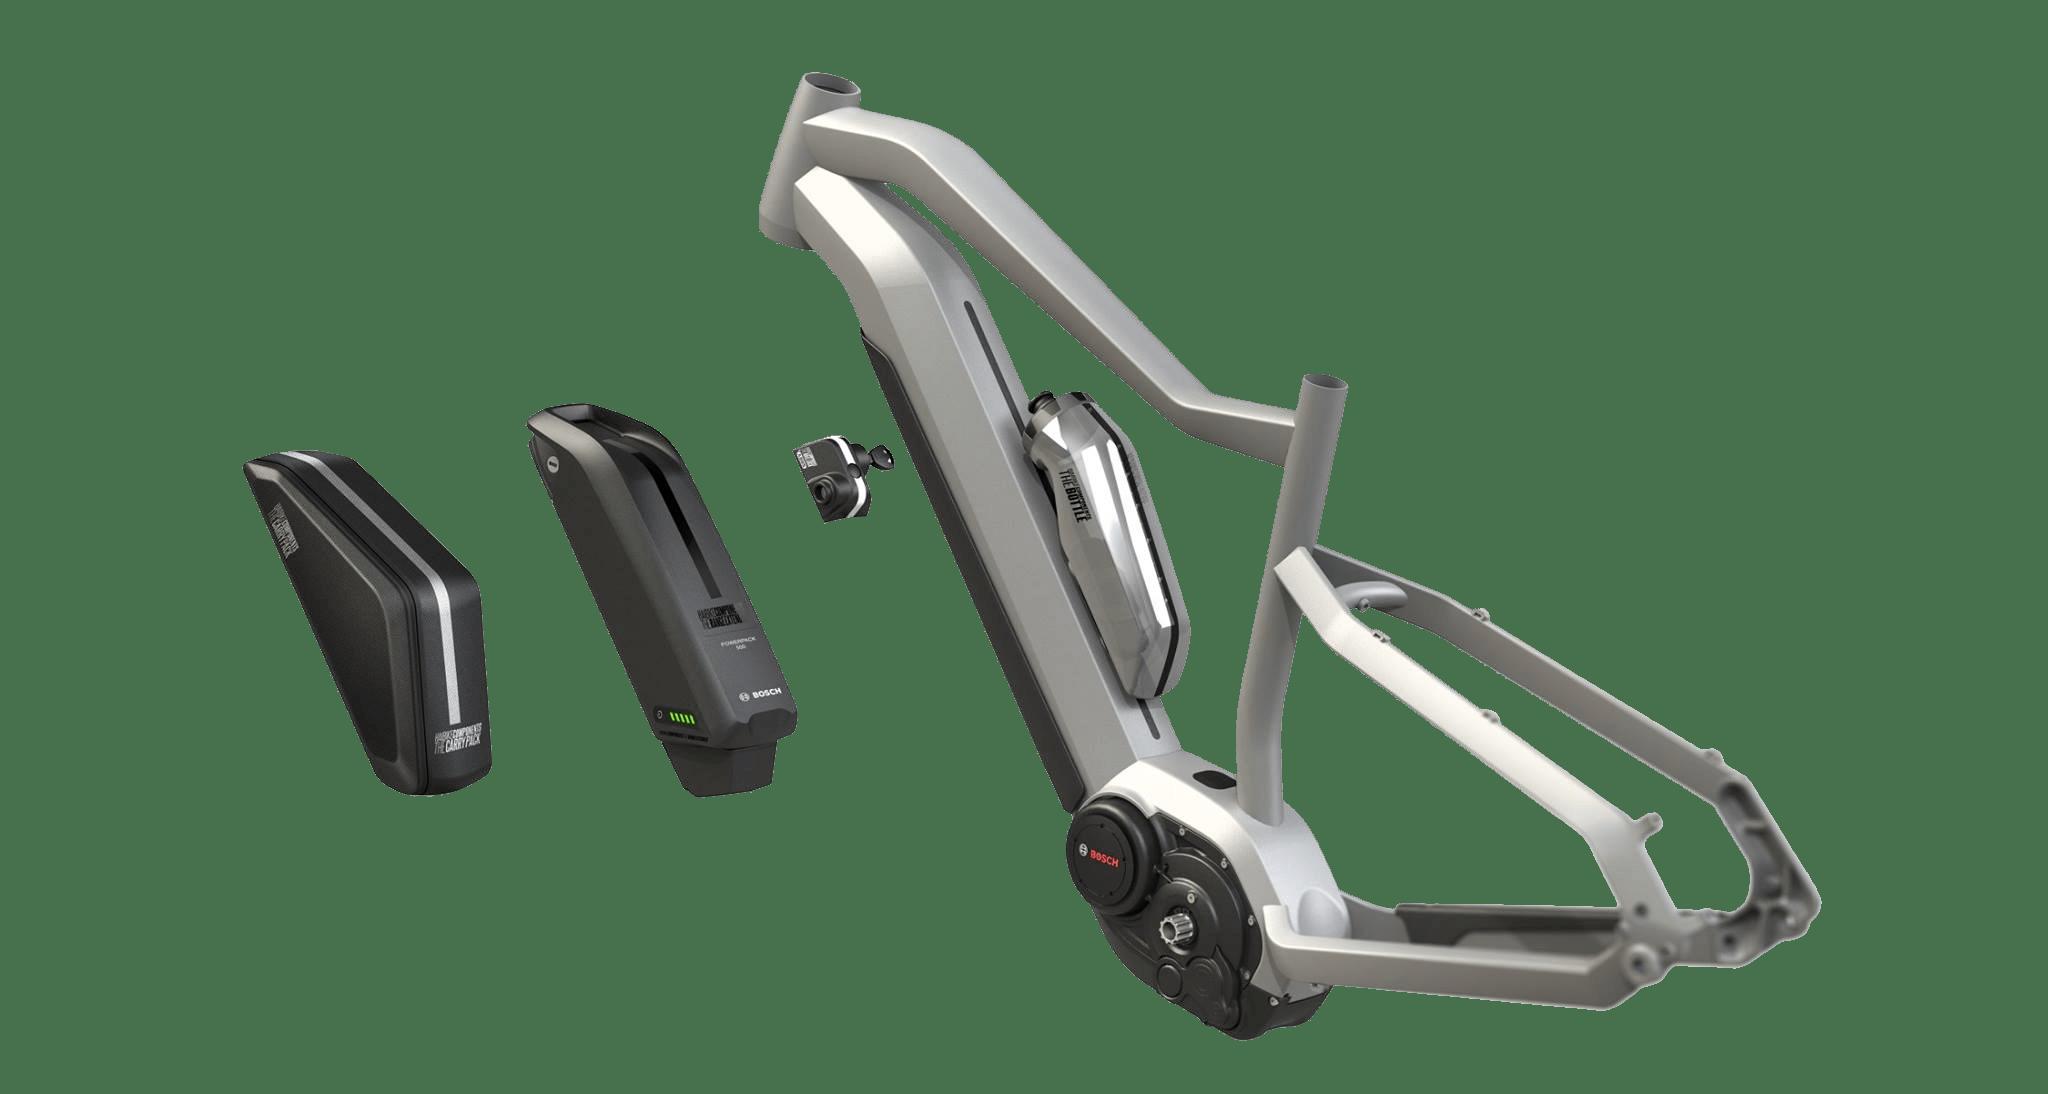 HAIBIKE Système de rail modulaire / Concept InTube Battery